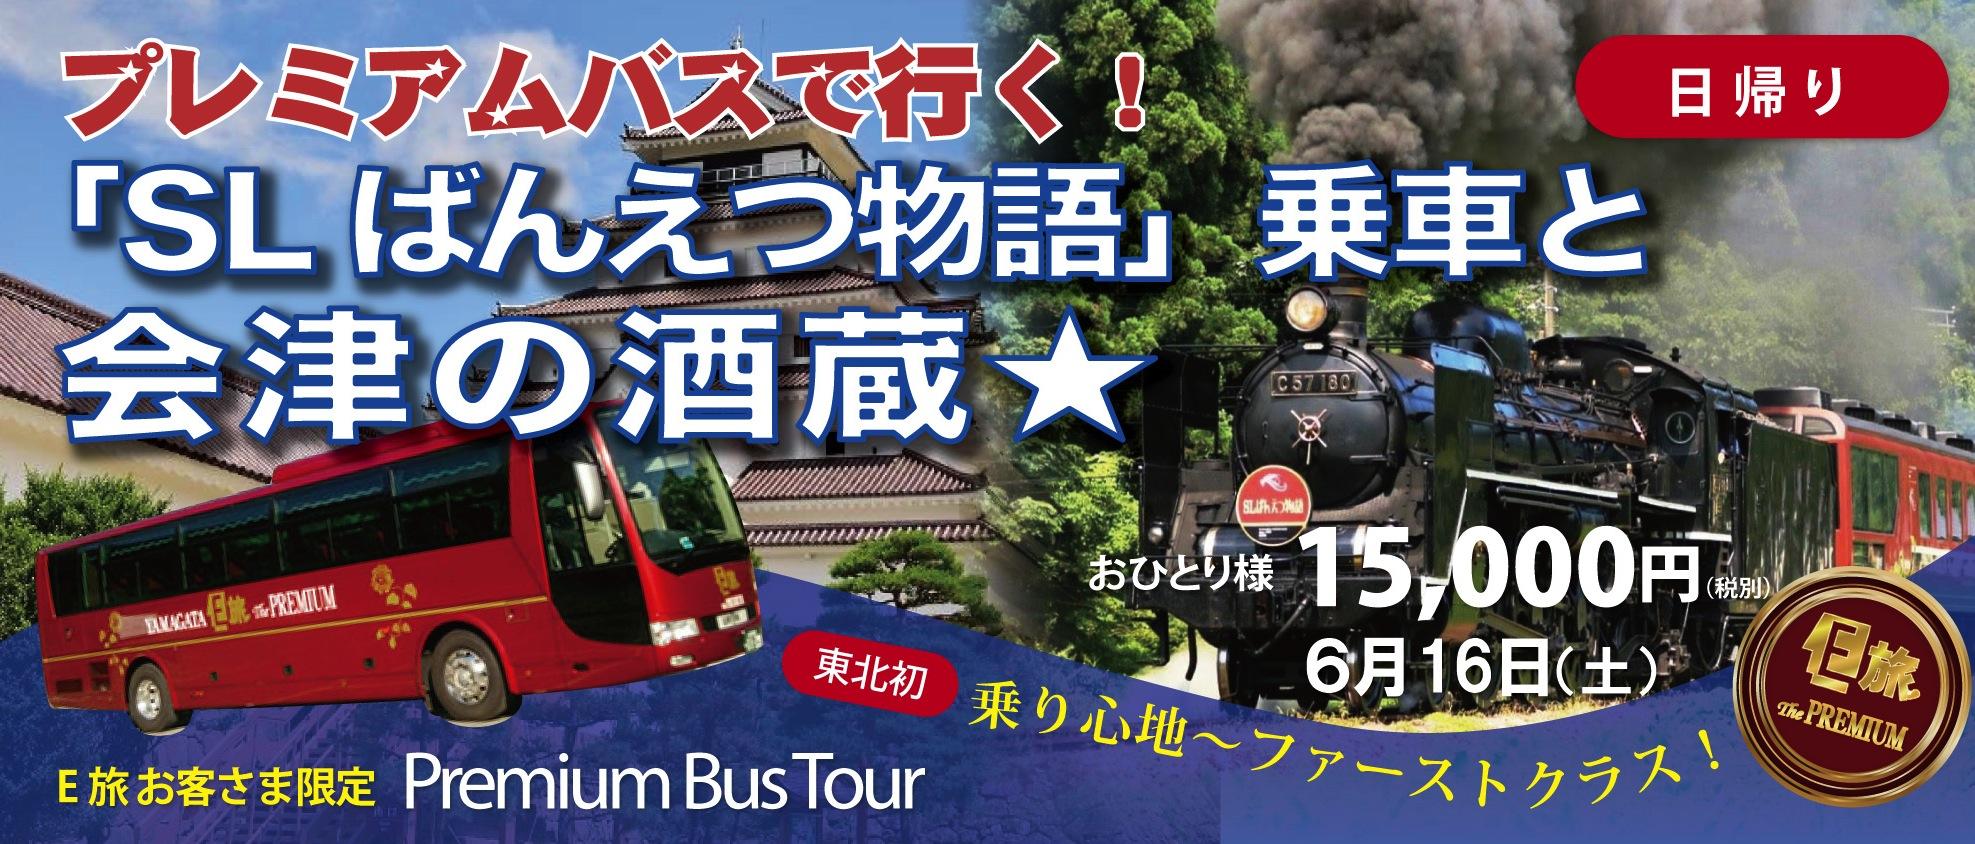 プレミアムバスで行く!「SLばんえつ物語」乗車と会津の酒蔵★6月16日(土) 日帰り